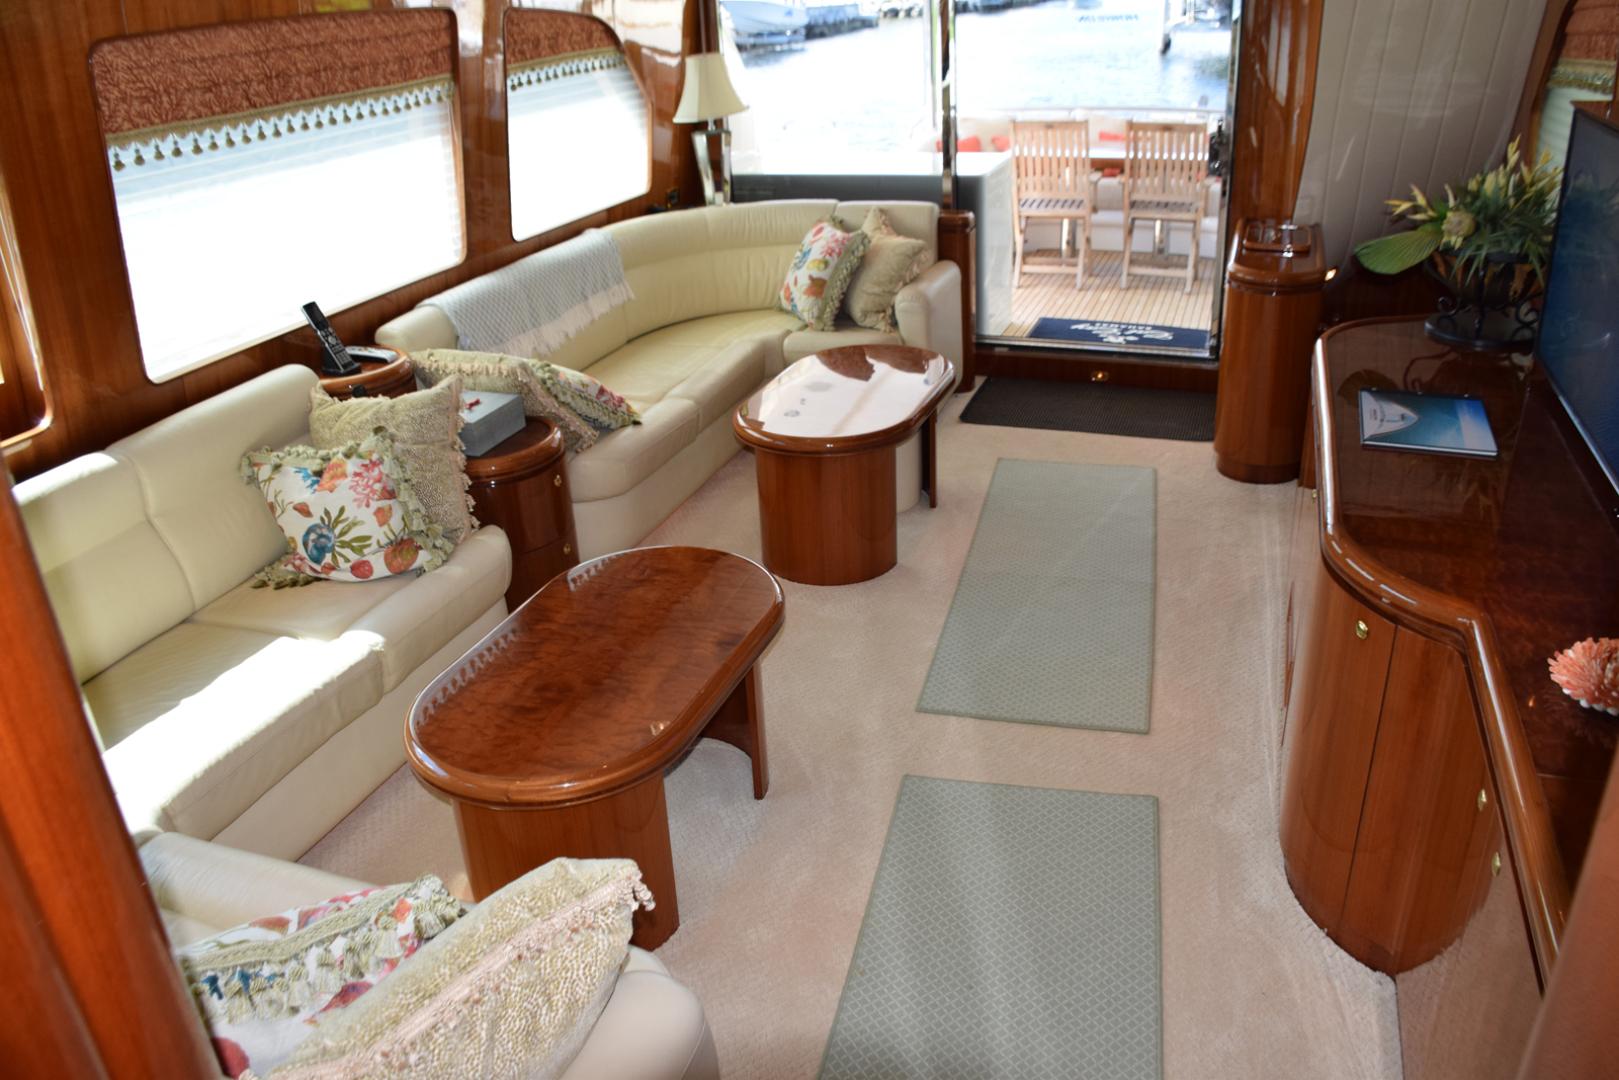 Horizon-76 Open Flybridge 2005-Sweet Janine Key Largo-Florida-United States-1182280 | Thumbnail